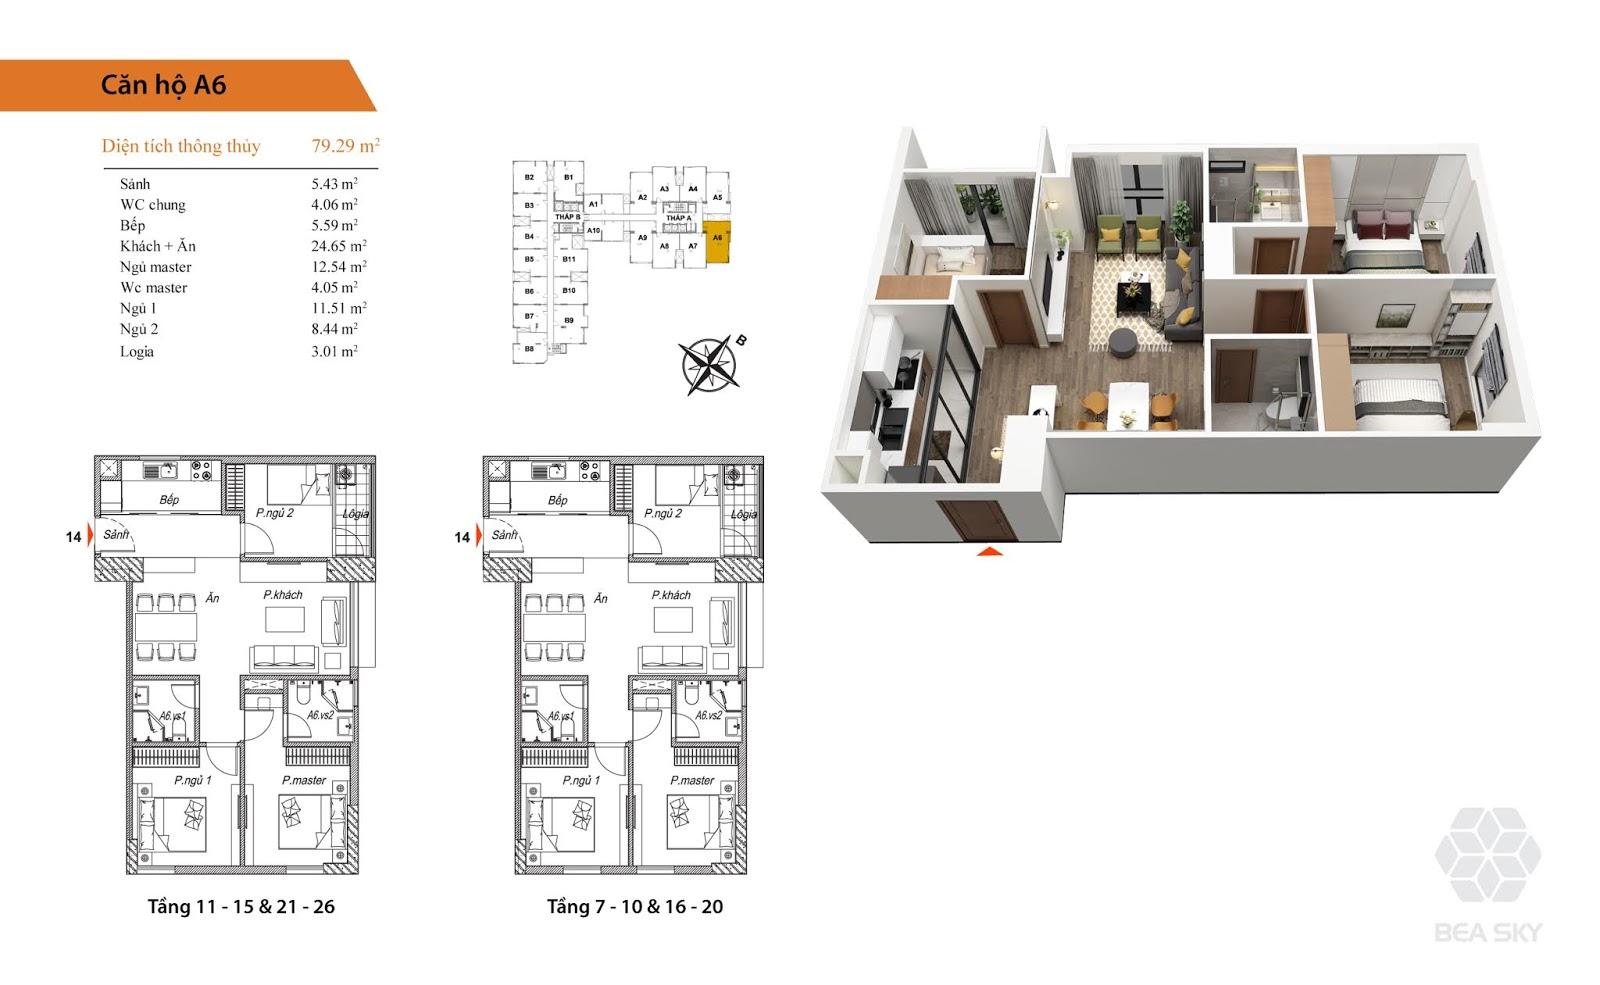 Thiết kế căn A6 chung cư Bea Sky Nguyễn xiển